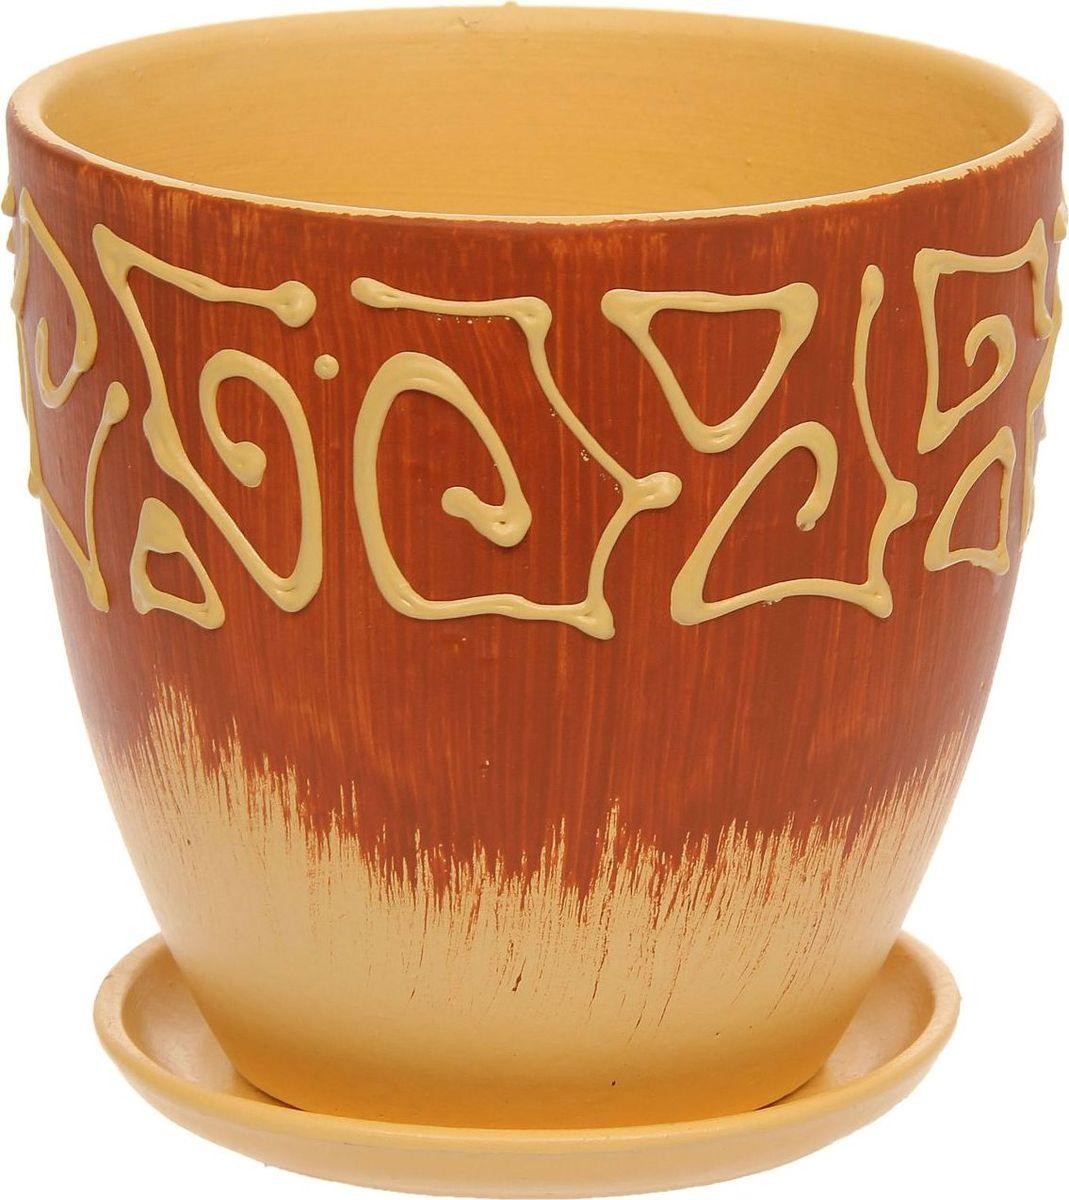 Кашпо Этно, цвет: желтый, 1,1 л1138748Комнатные растения — всеобщие любимцы. Они радуют глаз, насыщают помещение кислородом и украшают пространство. Каждому из них необходим свой удобный и красивый дом. Кашпо из керамики прекрасно подходят для высадки растений: за счёт пластичности глины и разных способов обработки существует великое множество форм и дизайновпористый материал позволяет испаряться лишней влагевоздух, необходимый для дыхания корней, проникает сквозь керамические стенки! #name# позаботится о зелёном питомце, освежит интерьер и подчеркнёт его стиль.